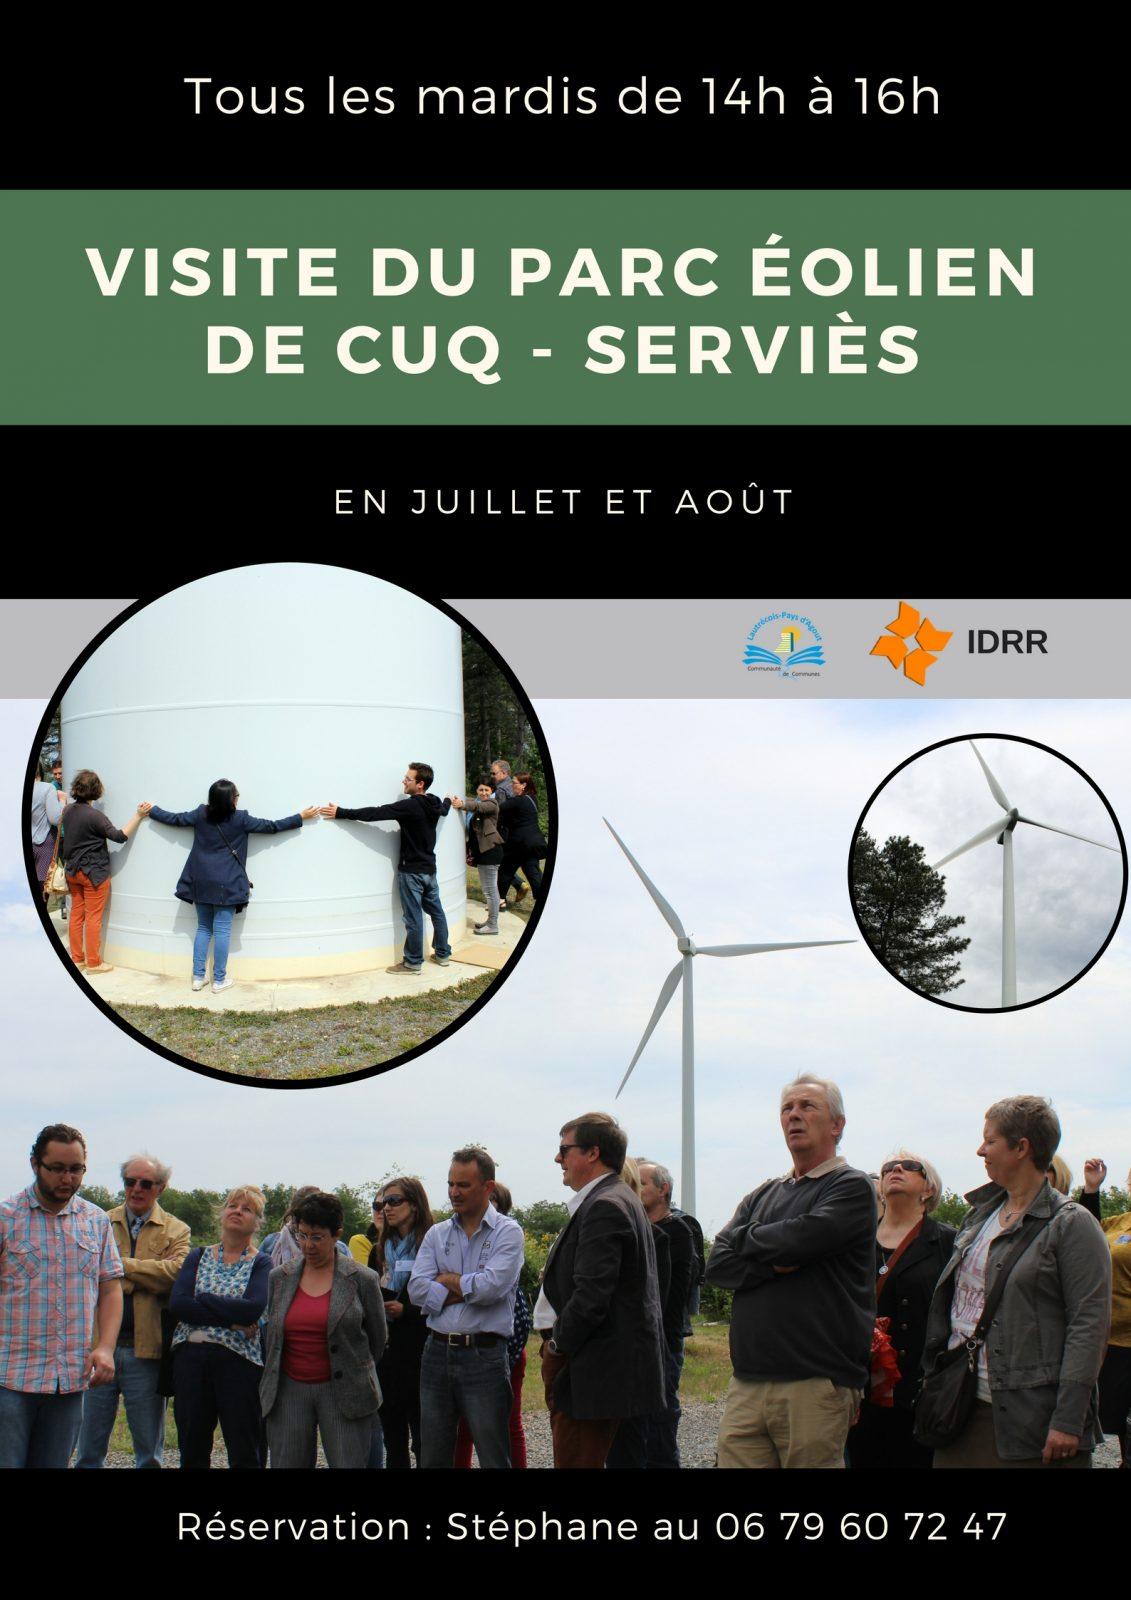 Visite du parc éolien